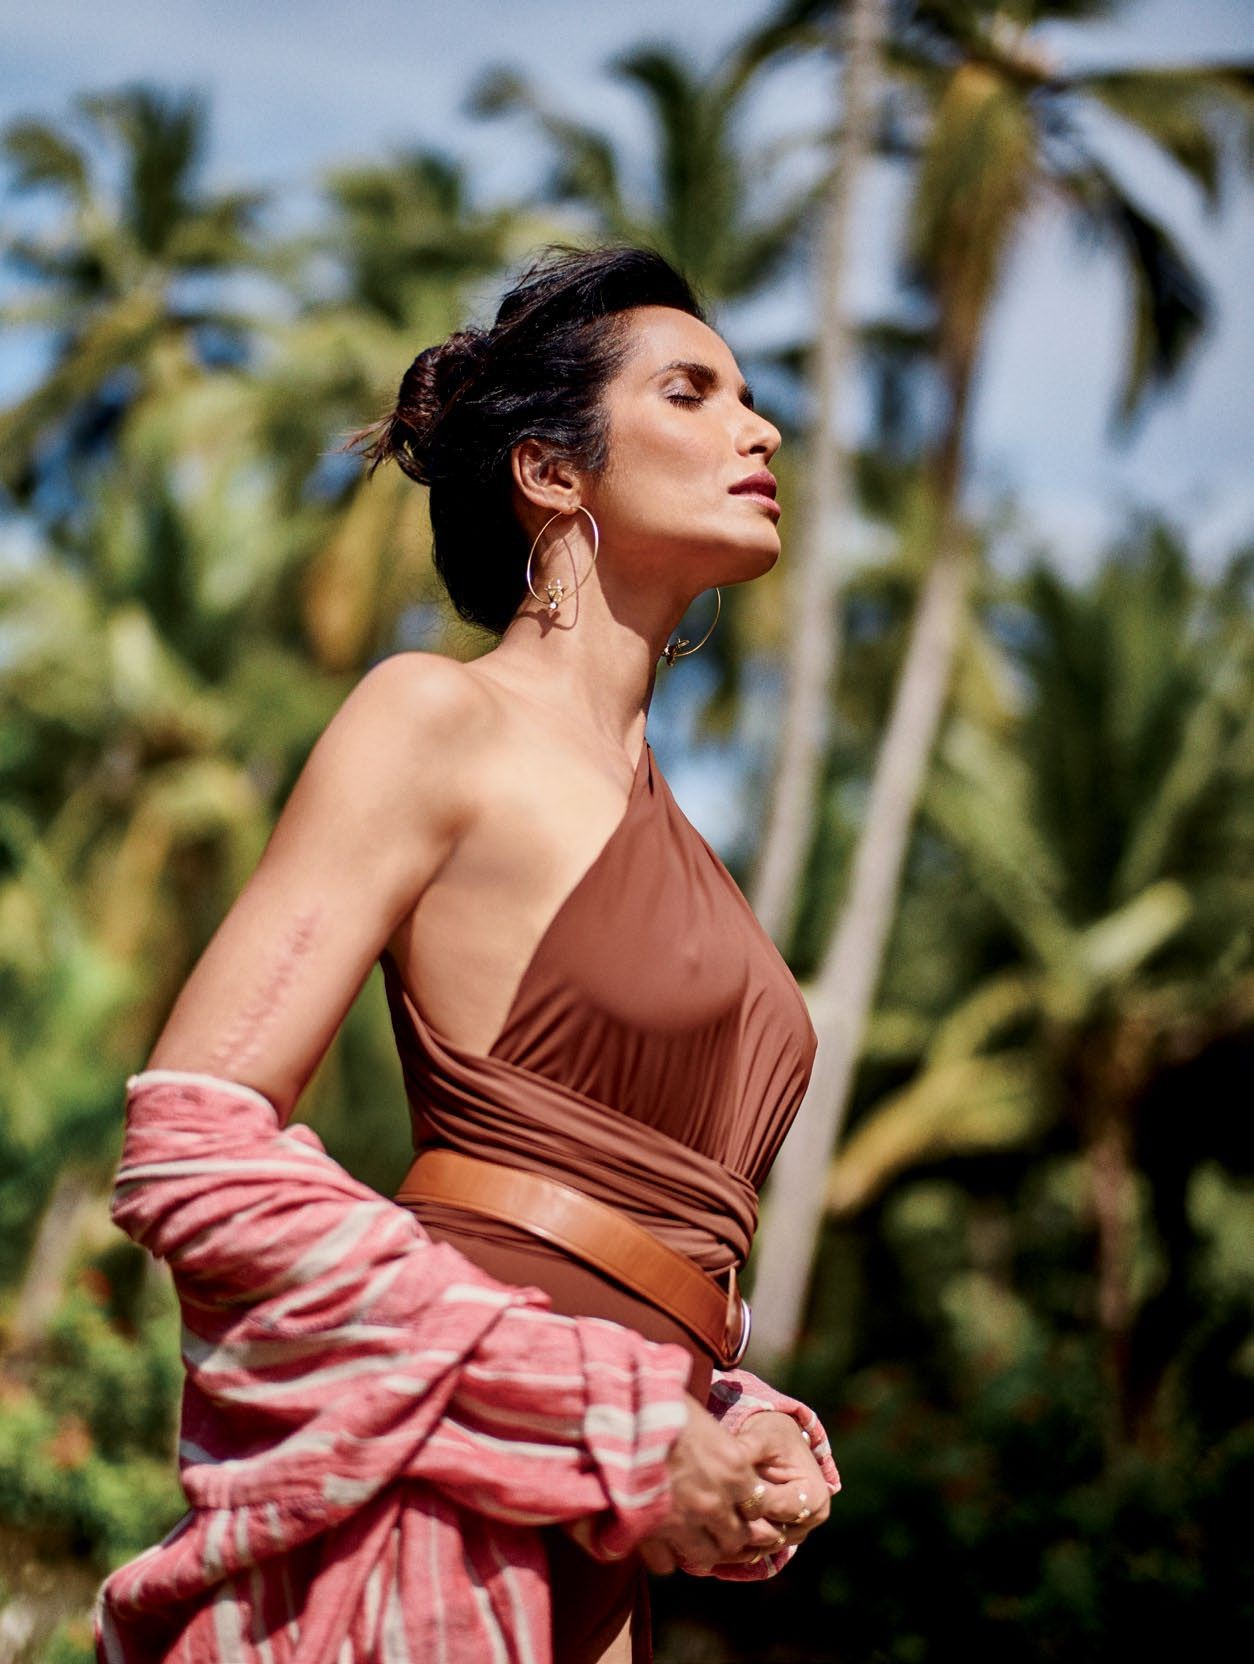 Buxom padma lakshmi nude pics those